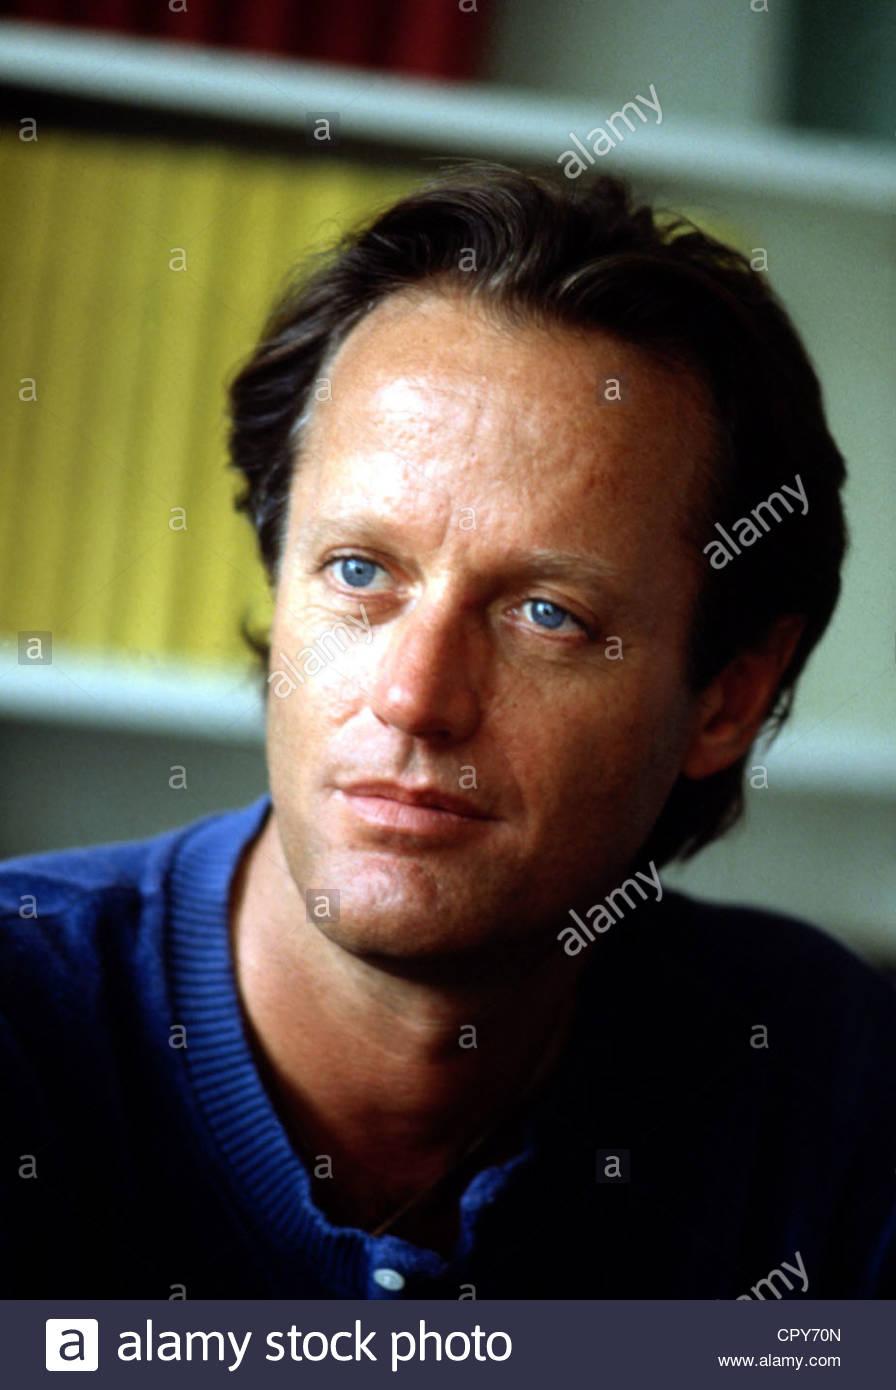 Fonda, Pietro, * 23.2.1940, noi attore, regista, ritratto, degli anni ottanta, gli occhi blu, Immagini Stock